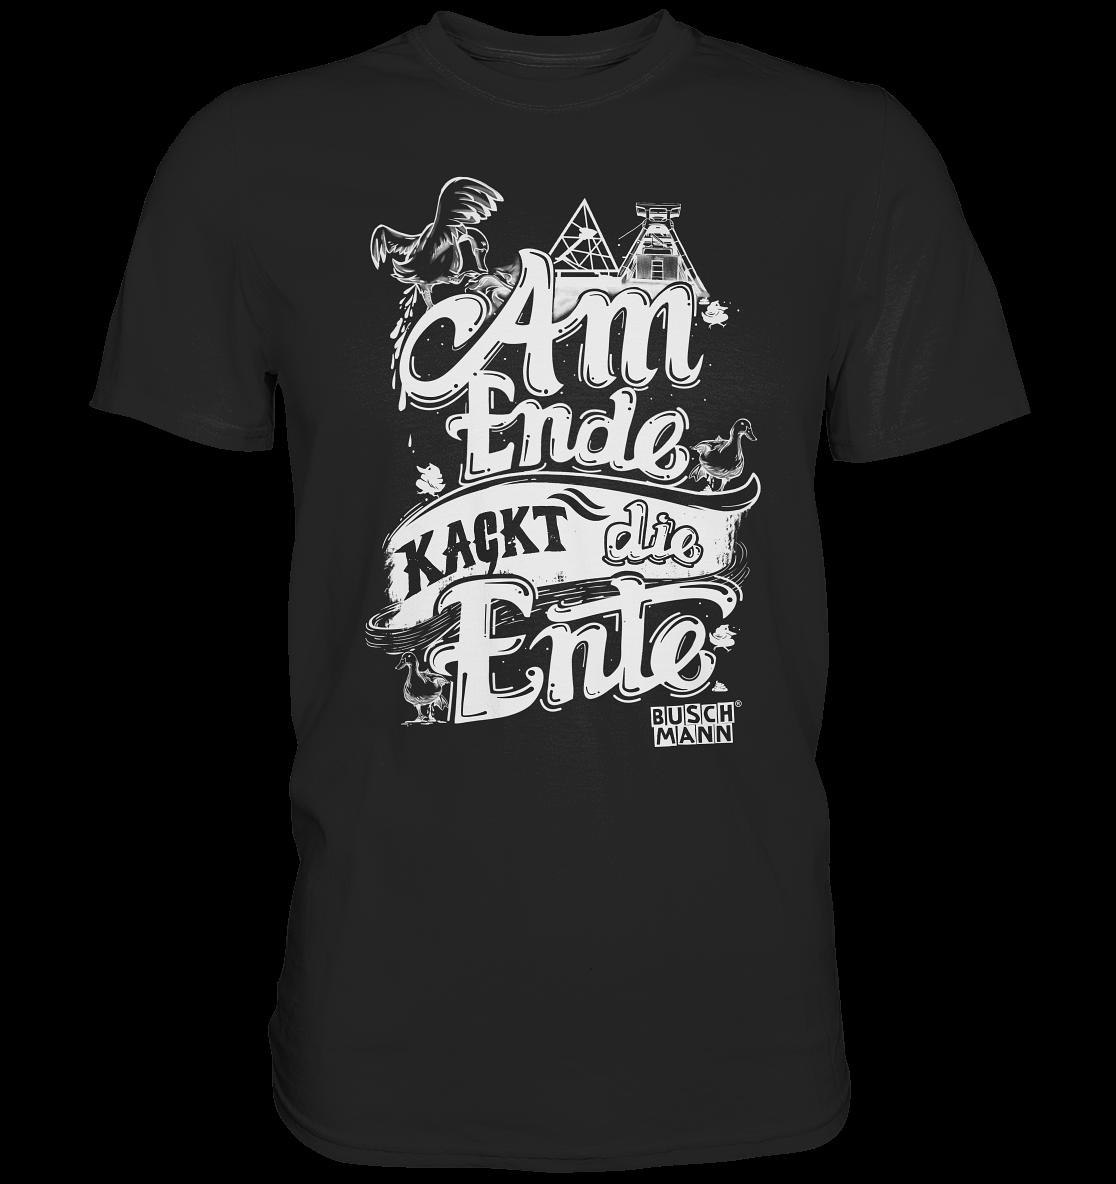 Am Ende kackt die Ente light Premium Shirt   €29.95  Inkl. MwSt. zzgl.  Versandkosten  Lieferung: 2-7 Tage